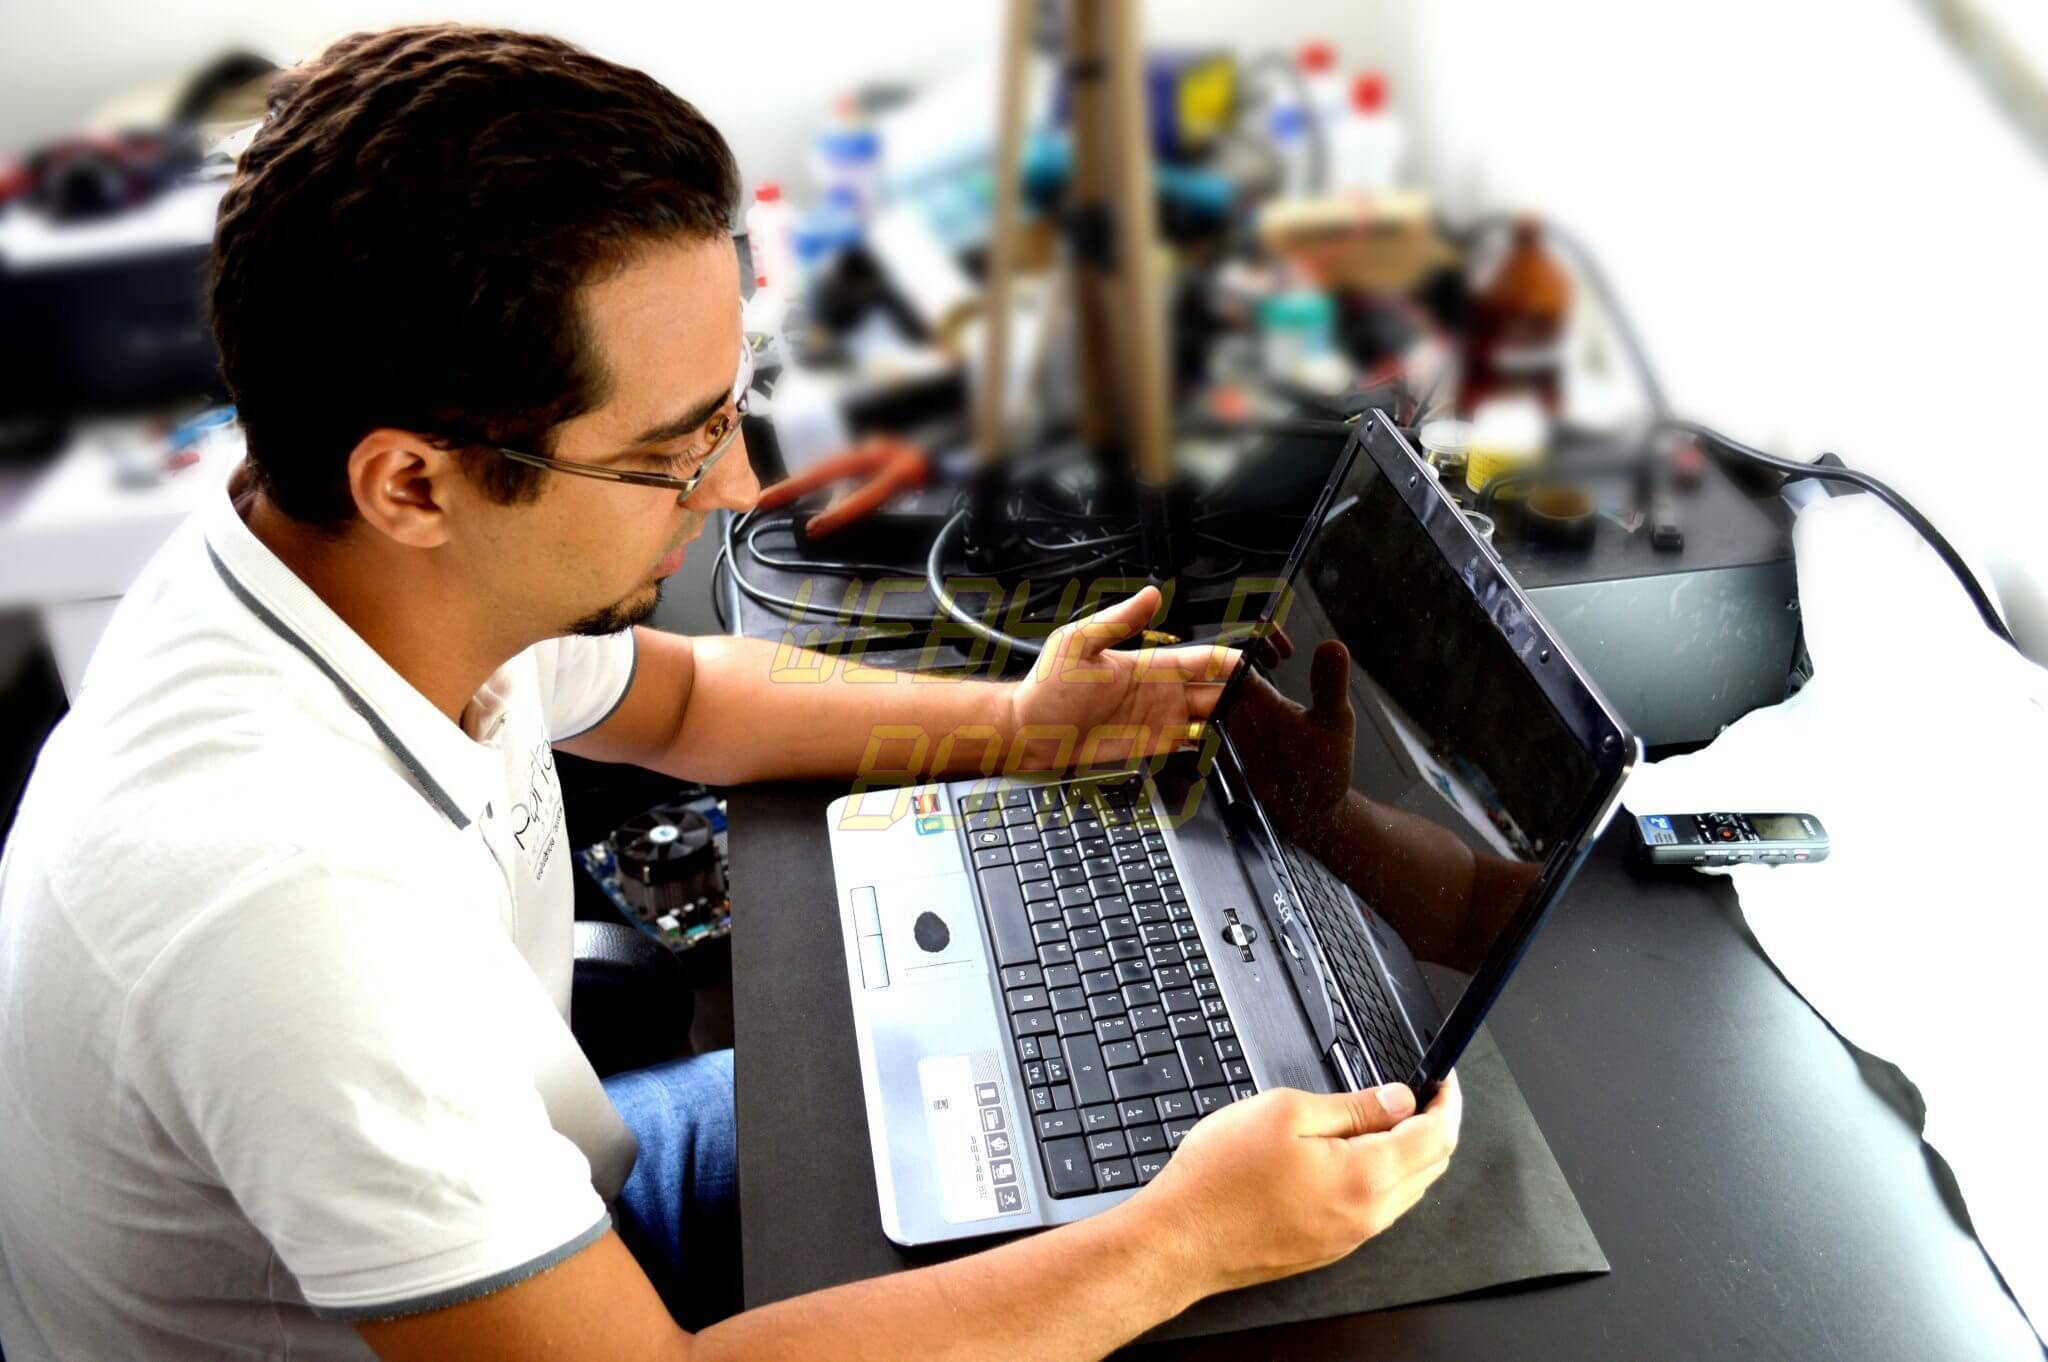 dsc 0042 - Curso online de Manutenção de Notebooks ajuda técnicos de informática